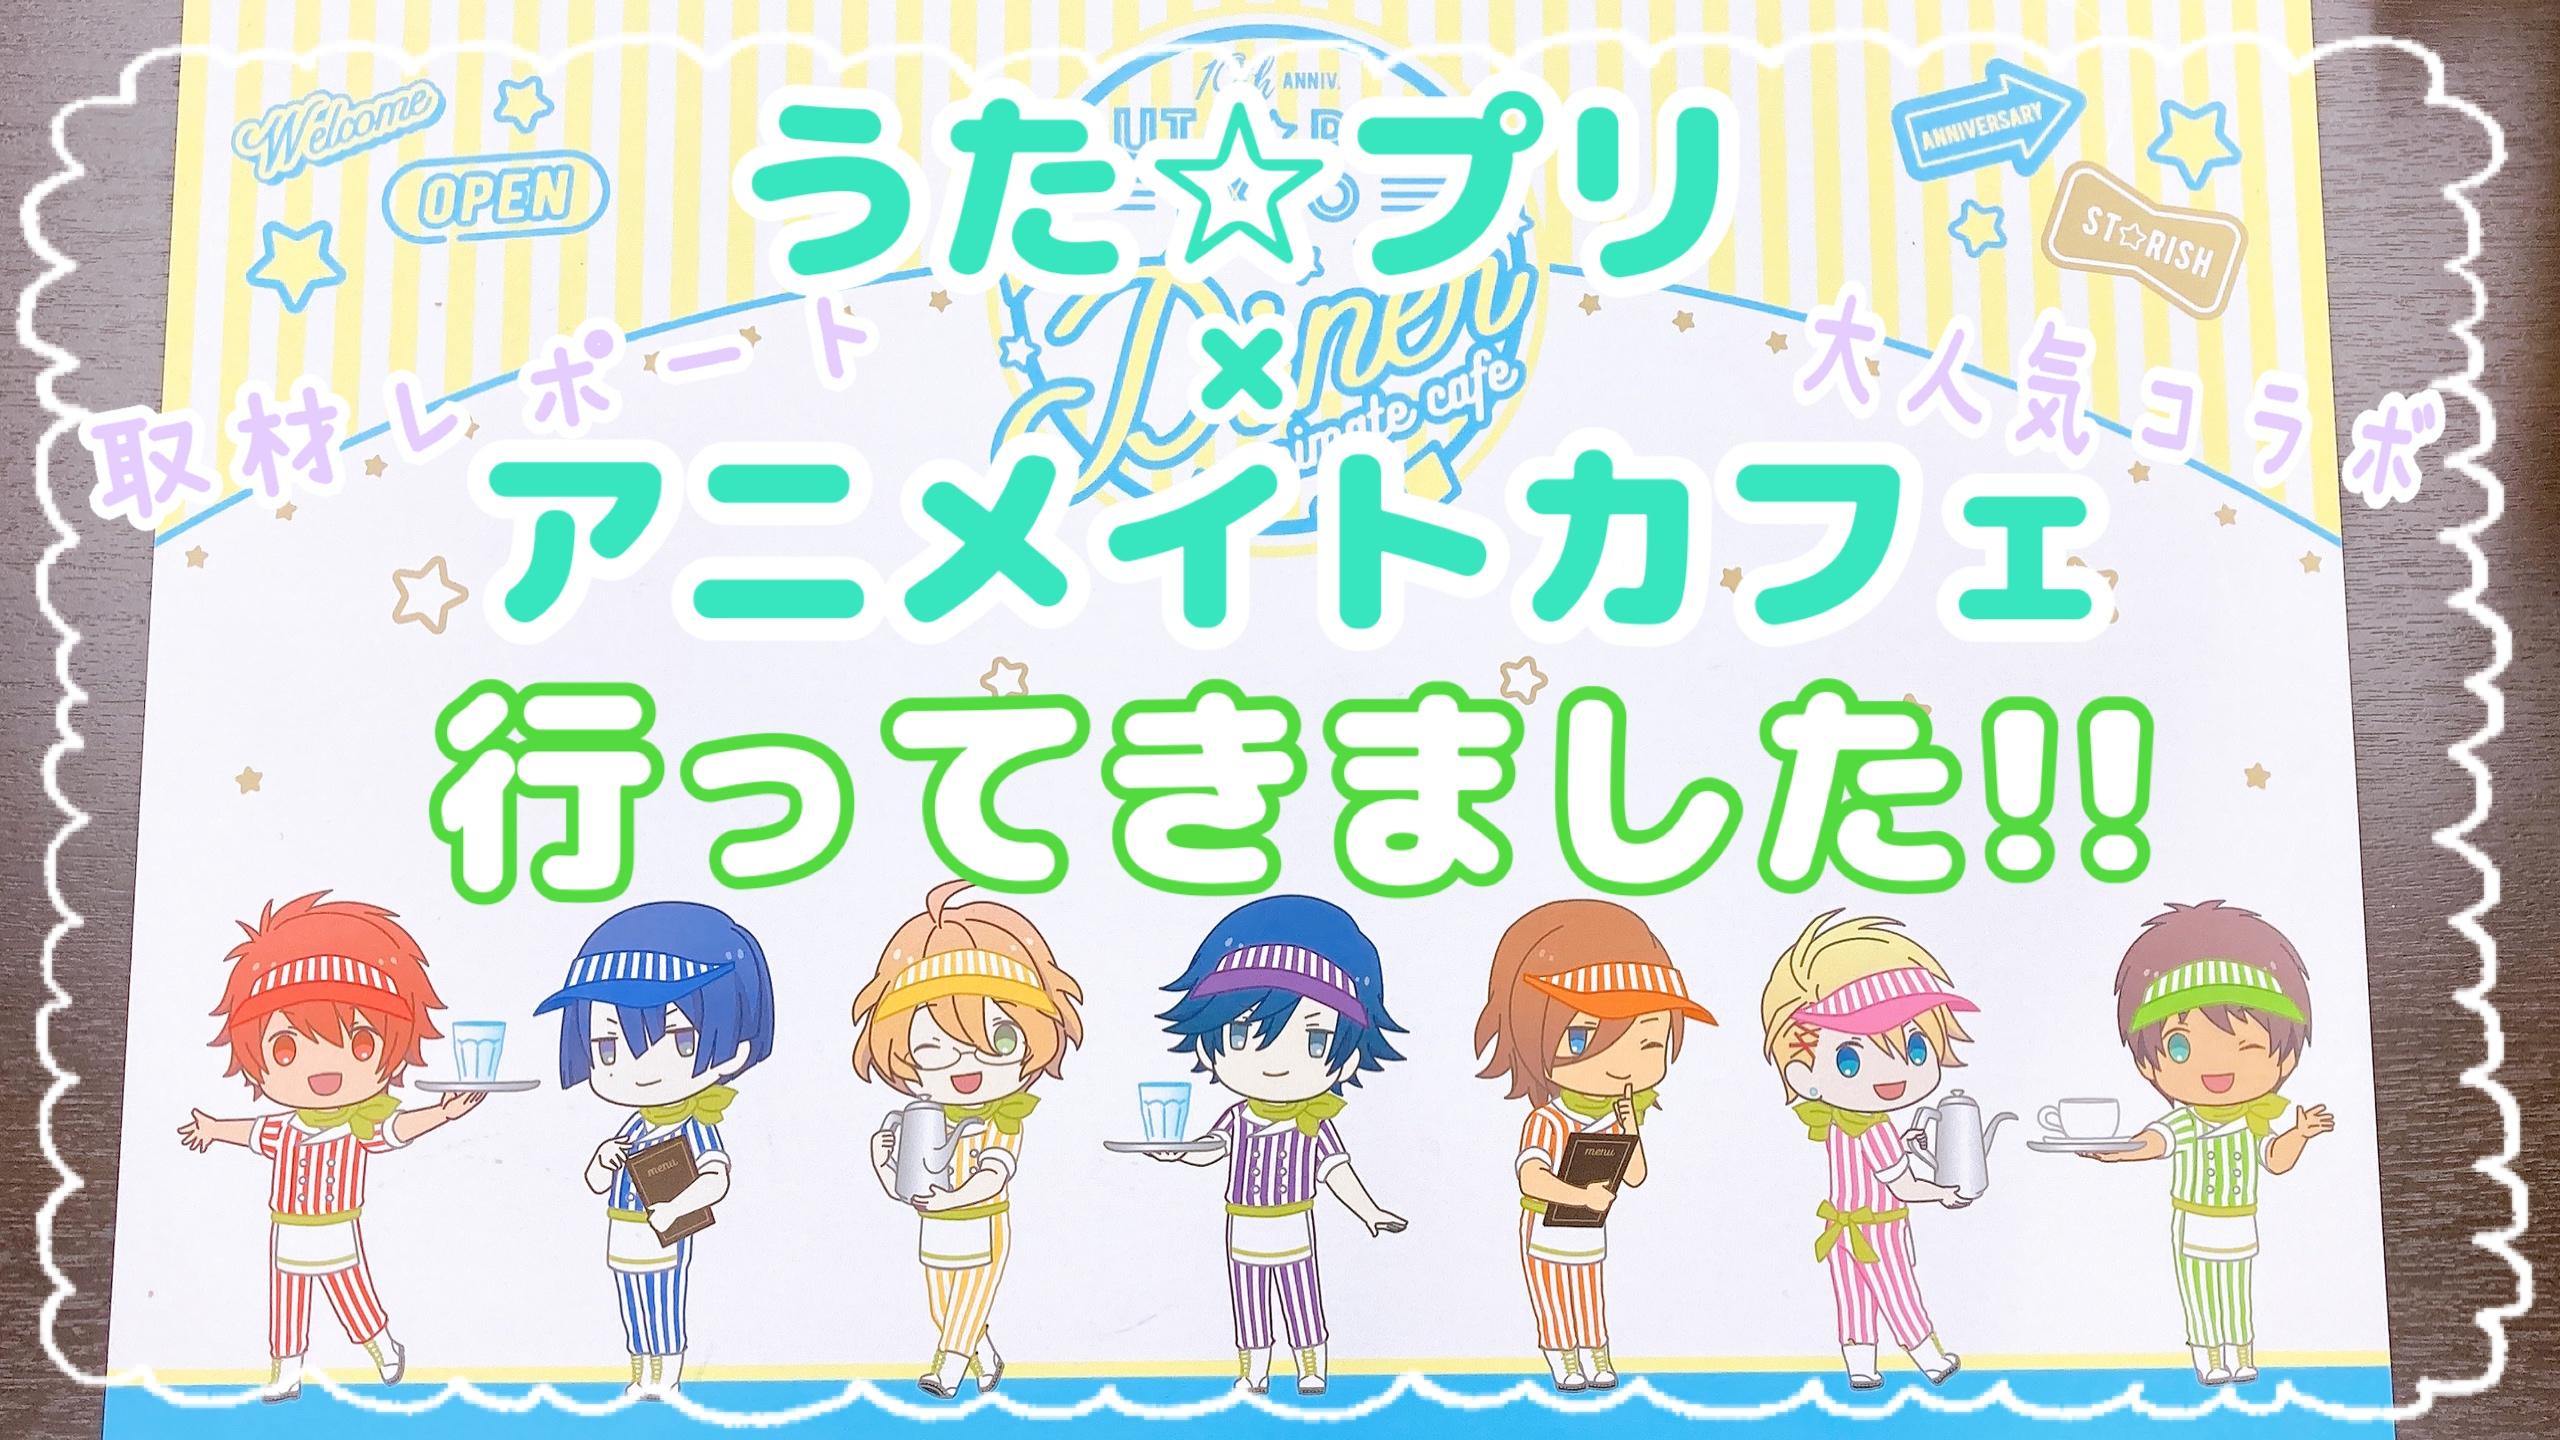 予約倍率高めの大人気コラボ「うた☆プリ×アニカフェ」おじゃましてきました!【取材レポート】